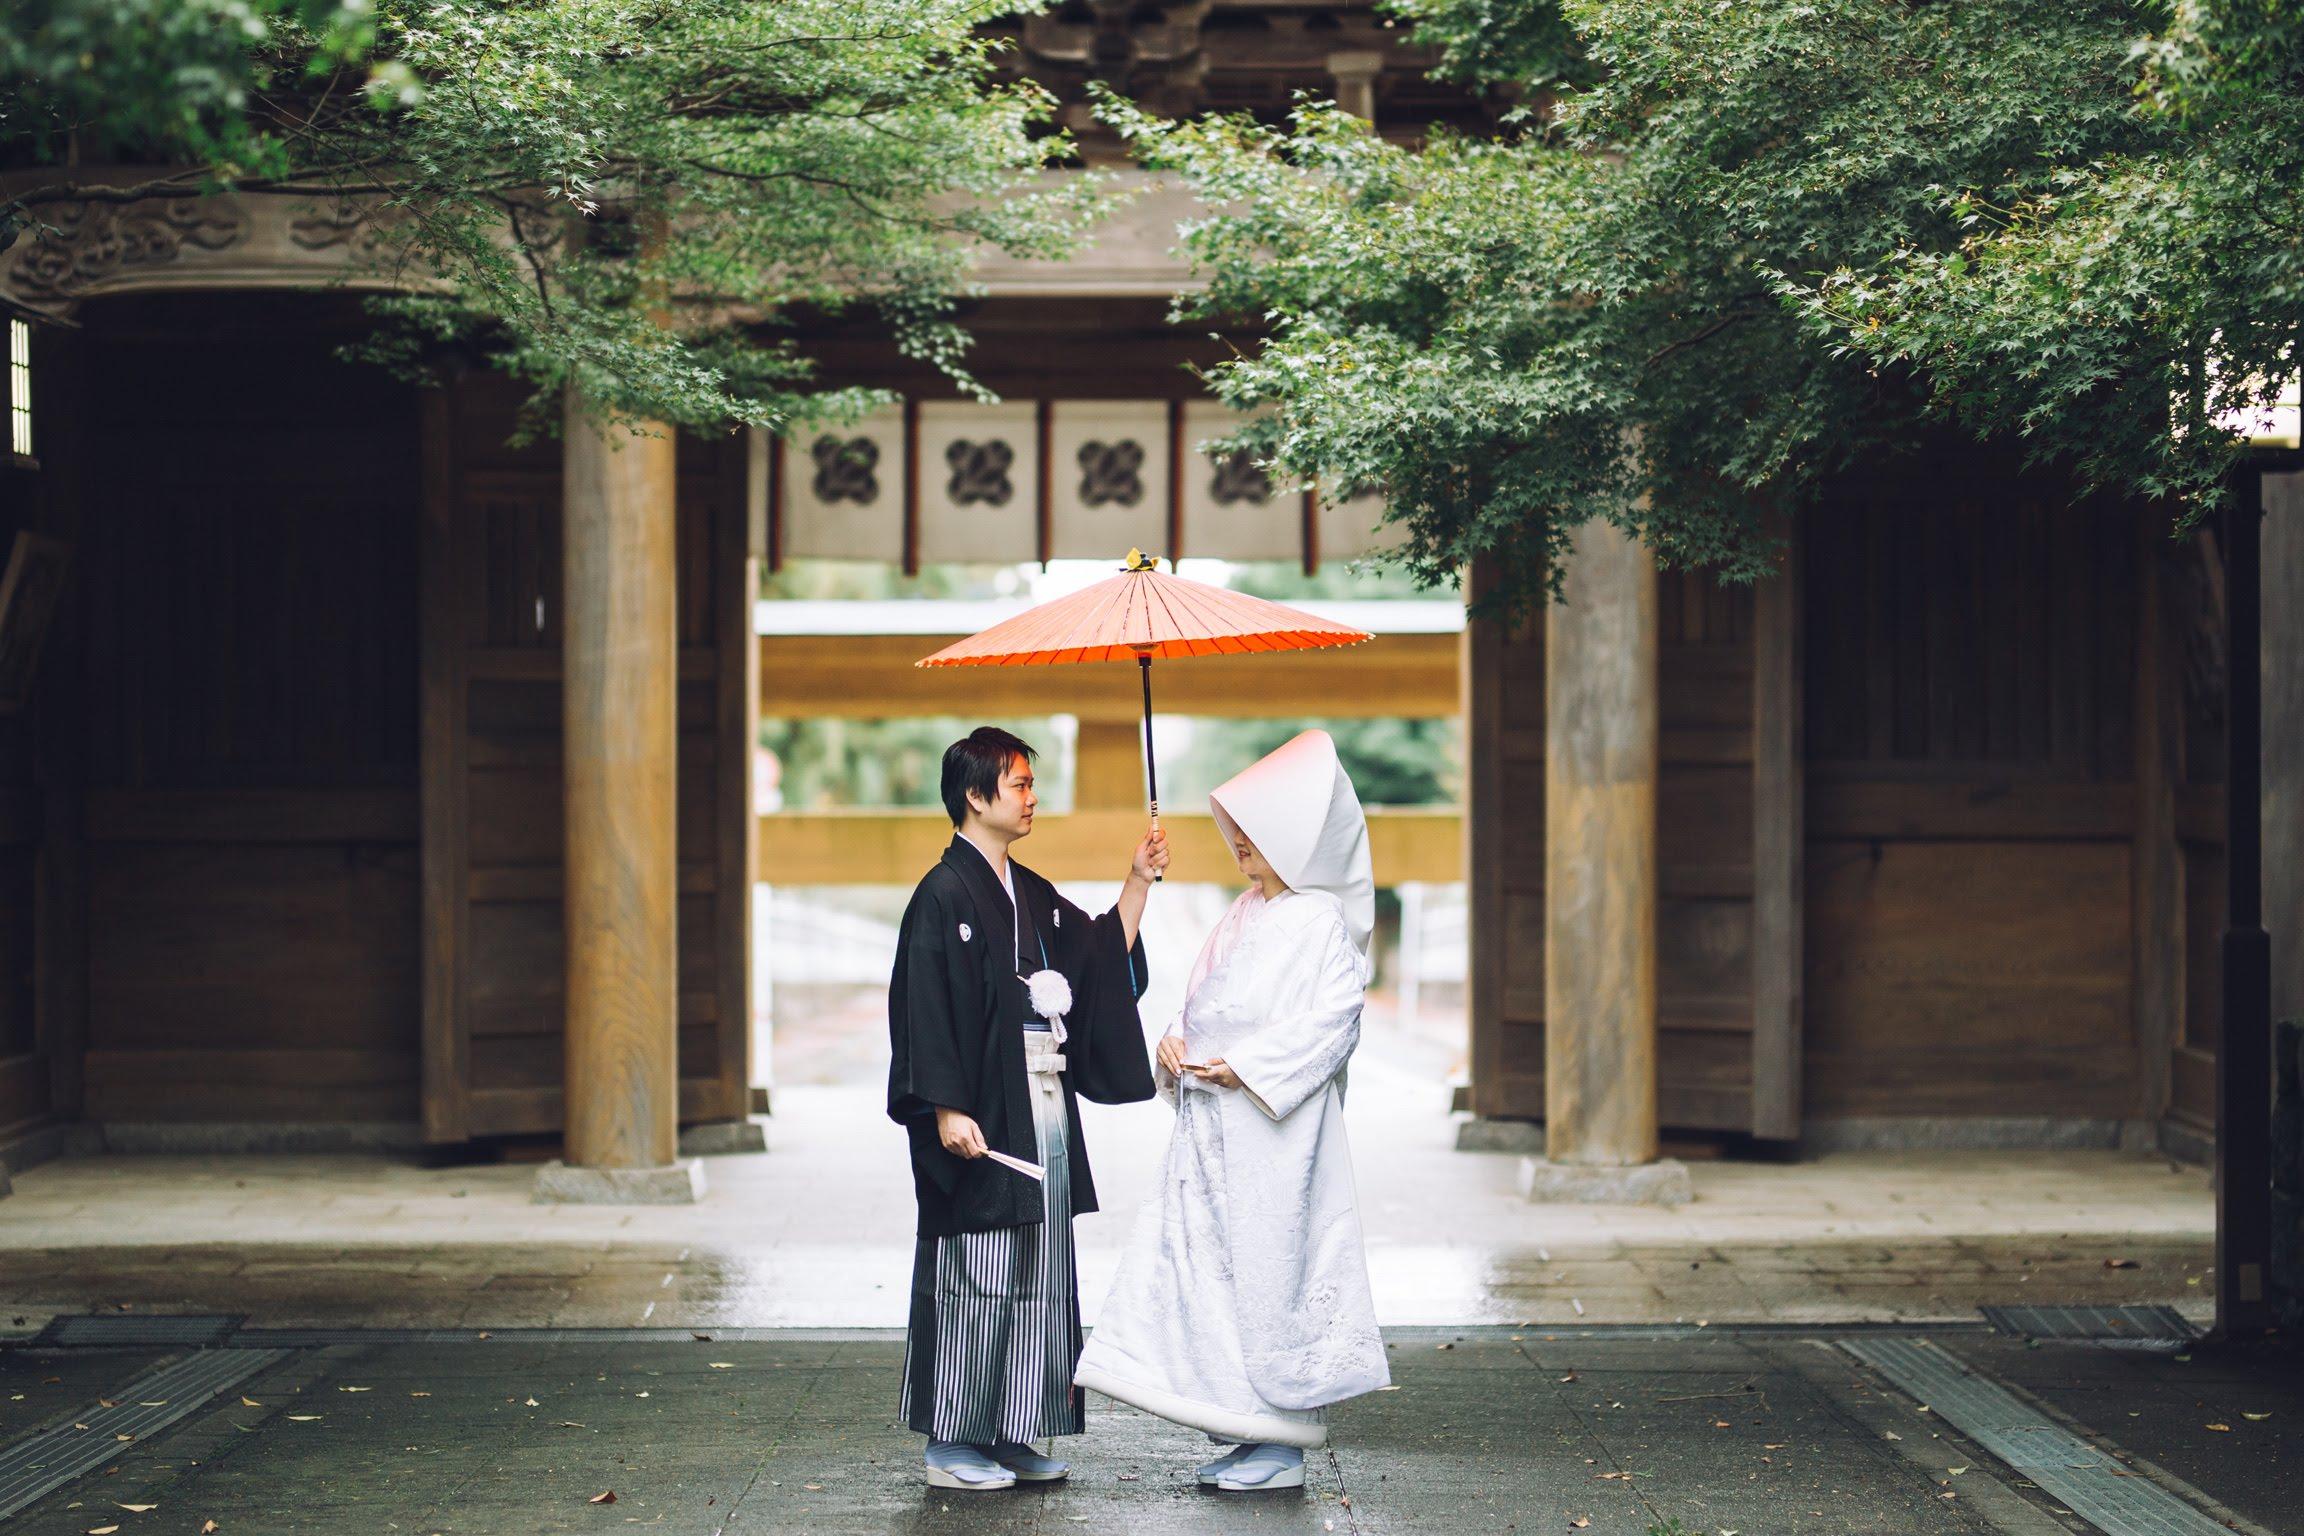 【オンライン参加可能】熊本での 神社紹介×神社相談会